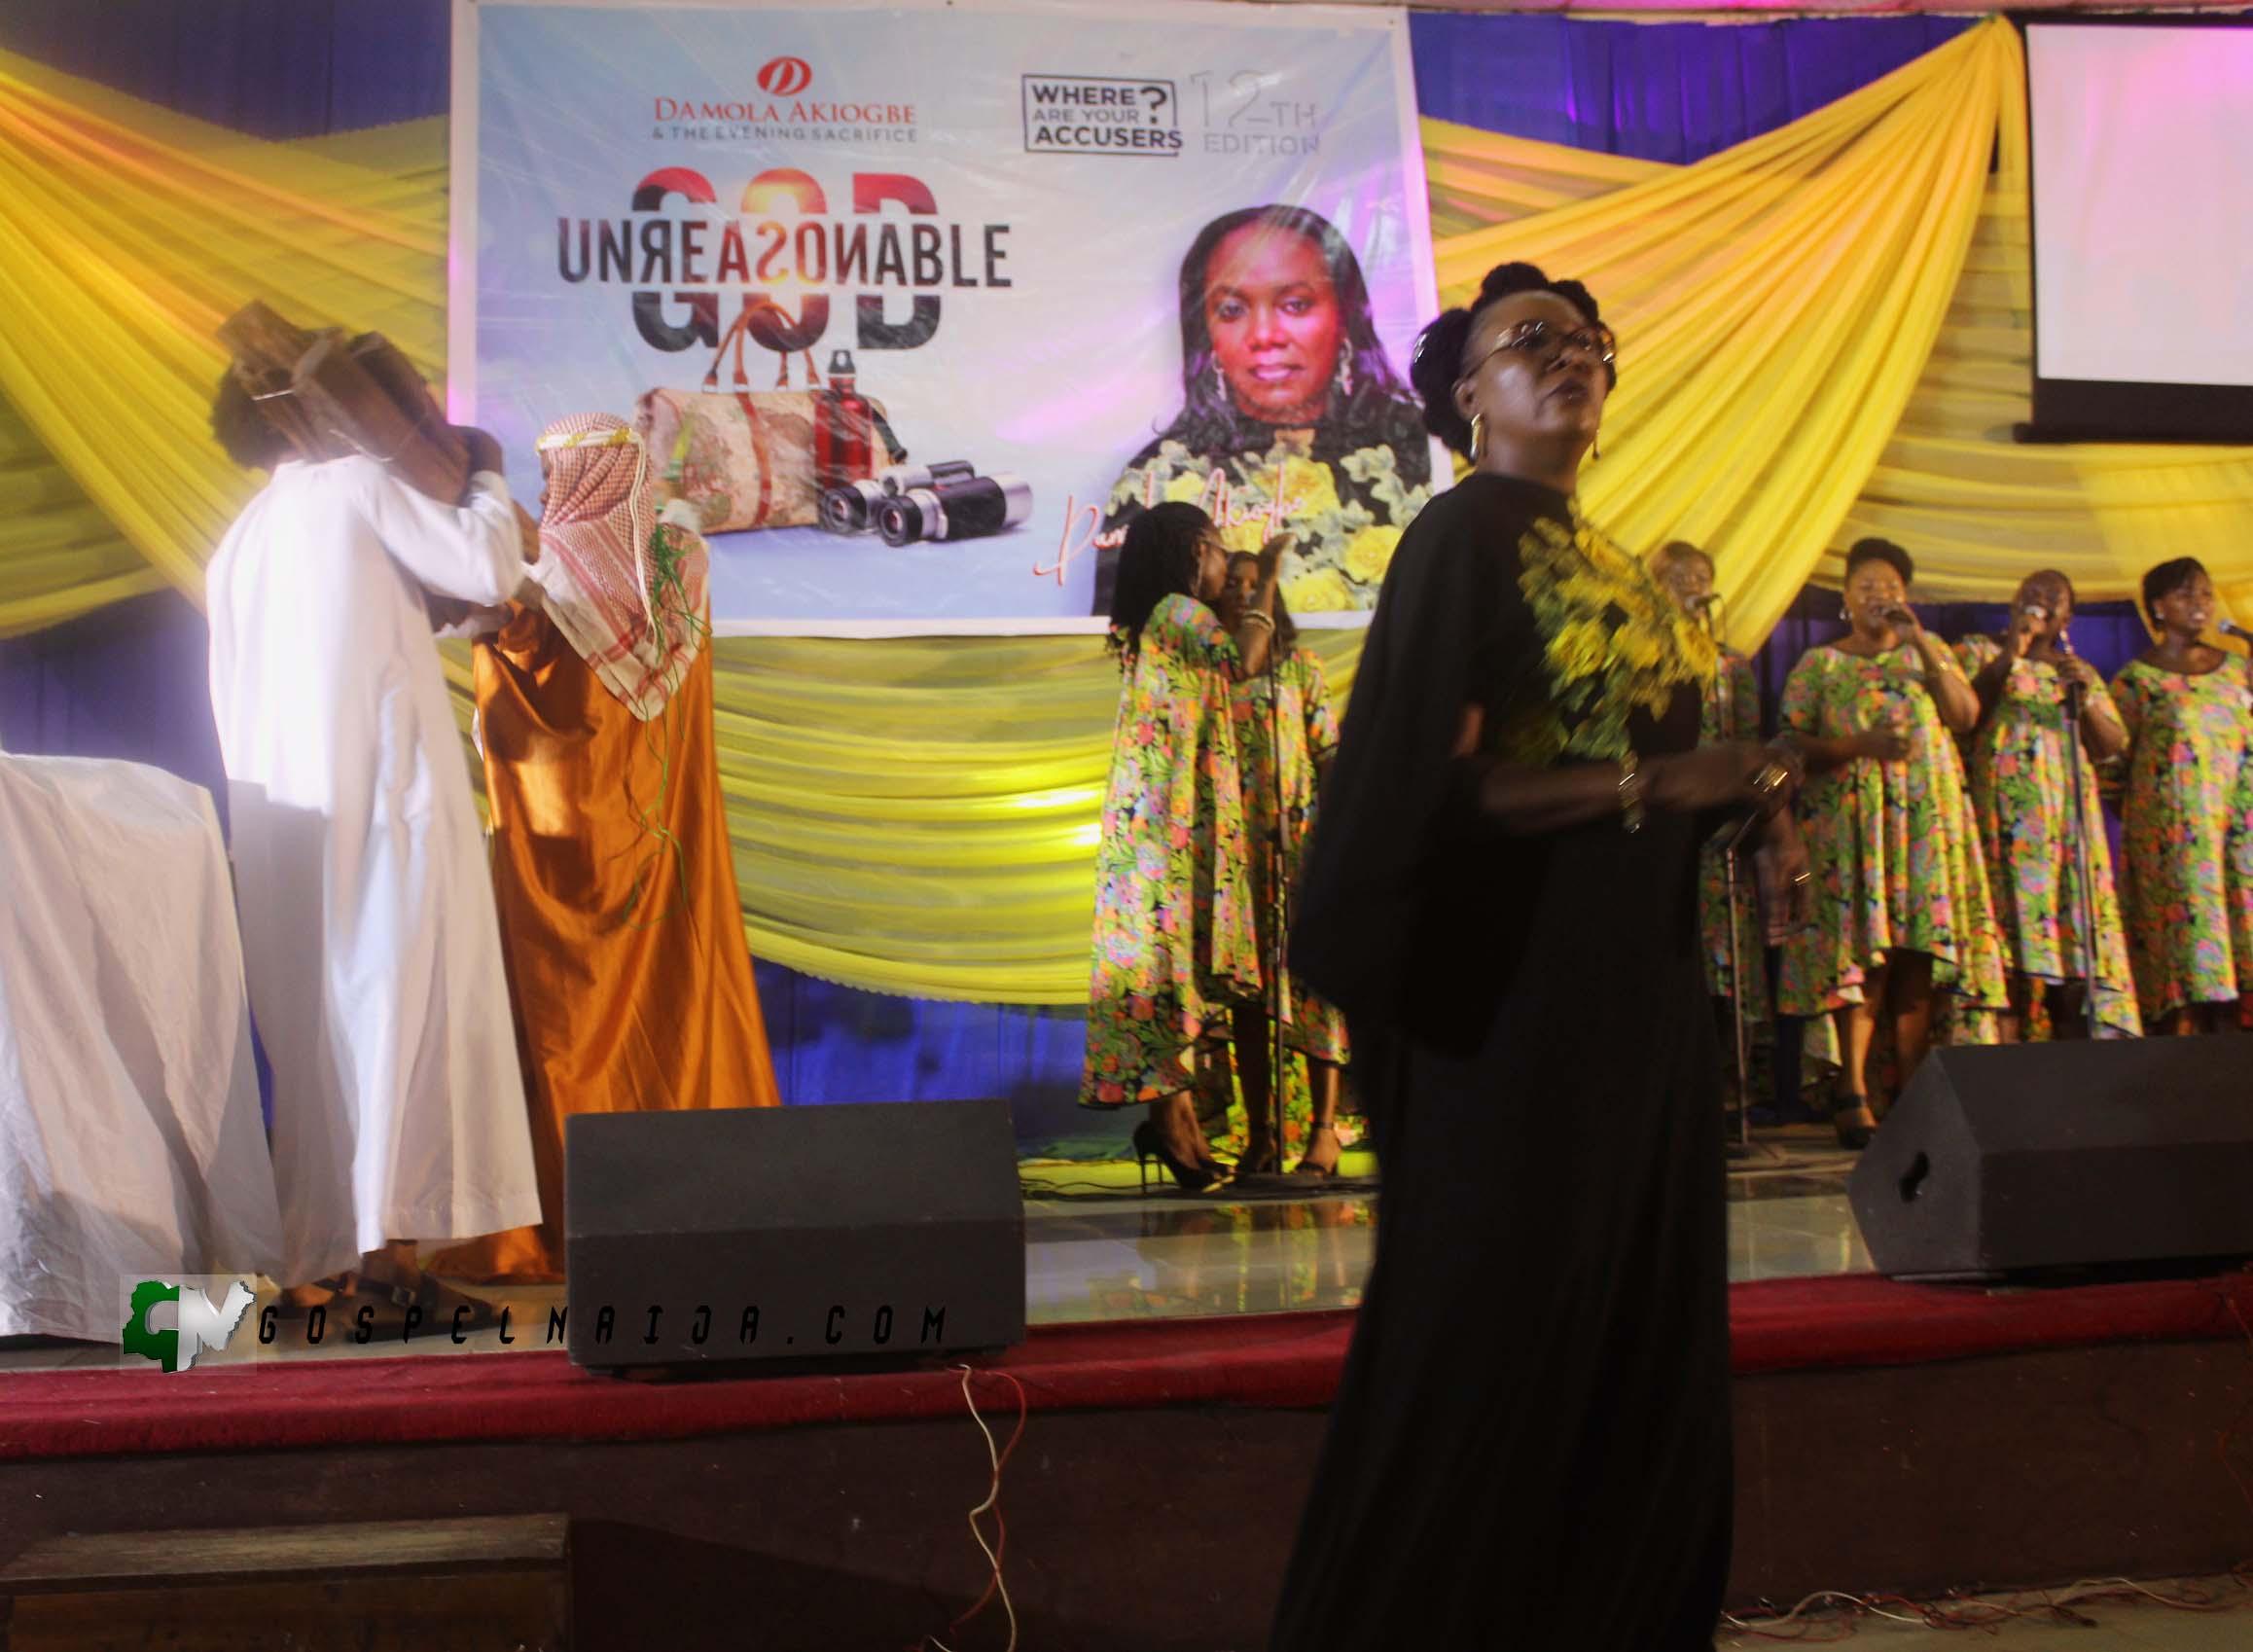 UNREASONABLE GOD with Damola Akiogbe WAYA 2017 [@DamolaWAYA] (27)